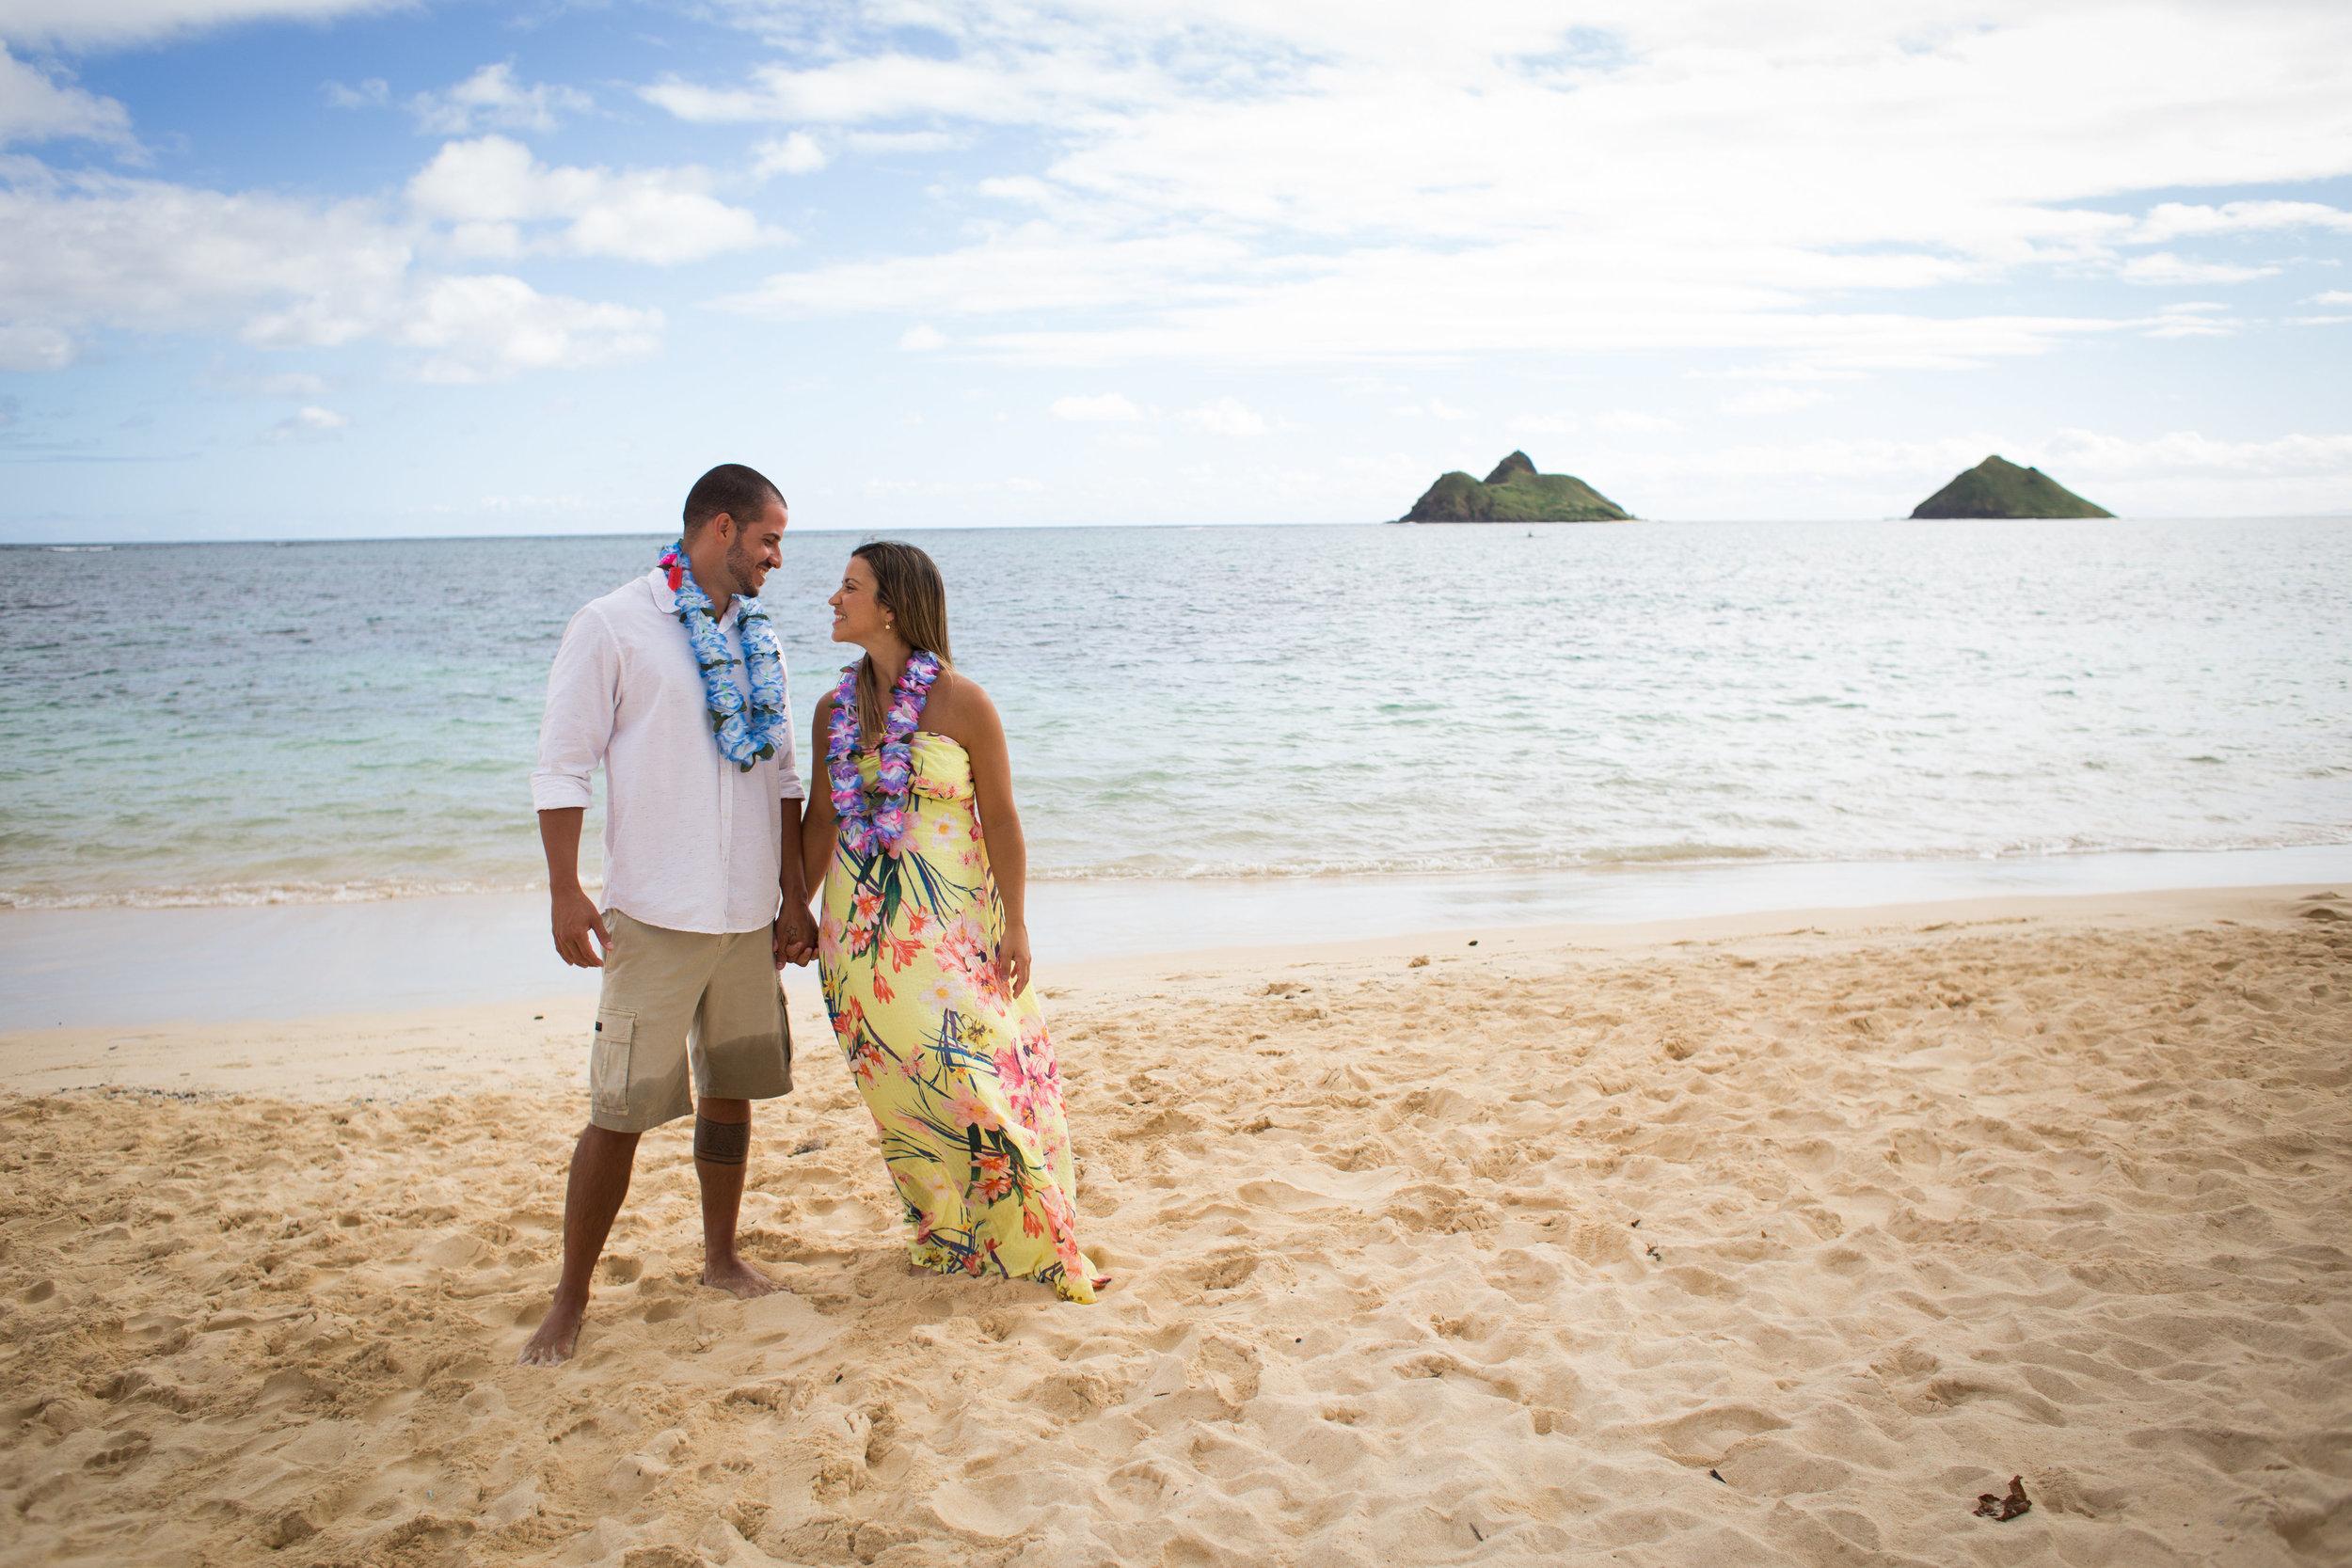 ensaio fotografico no havai ensaio em honolulu8.jpg